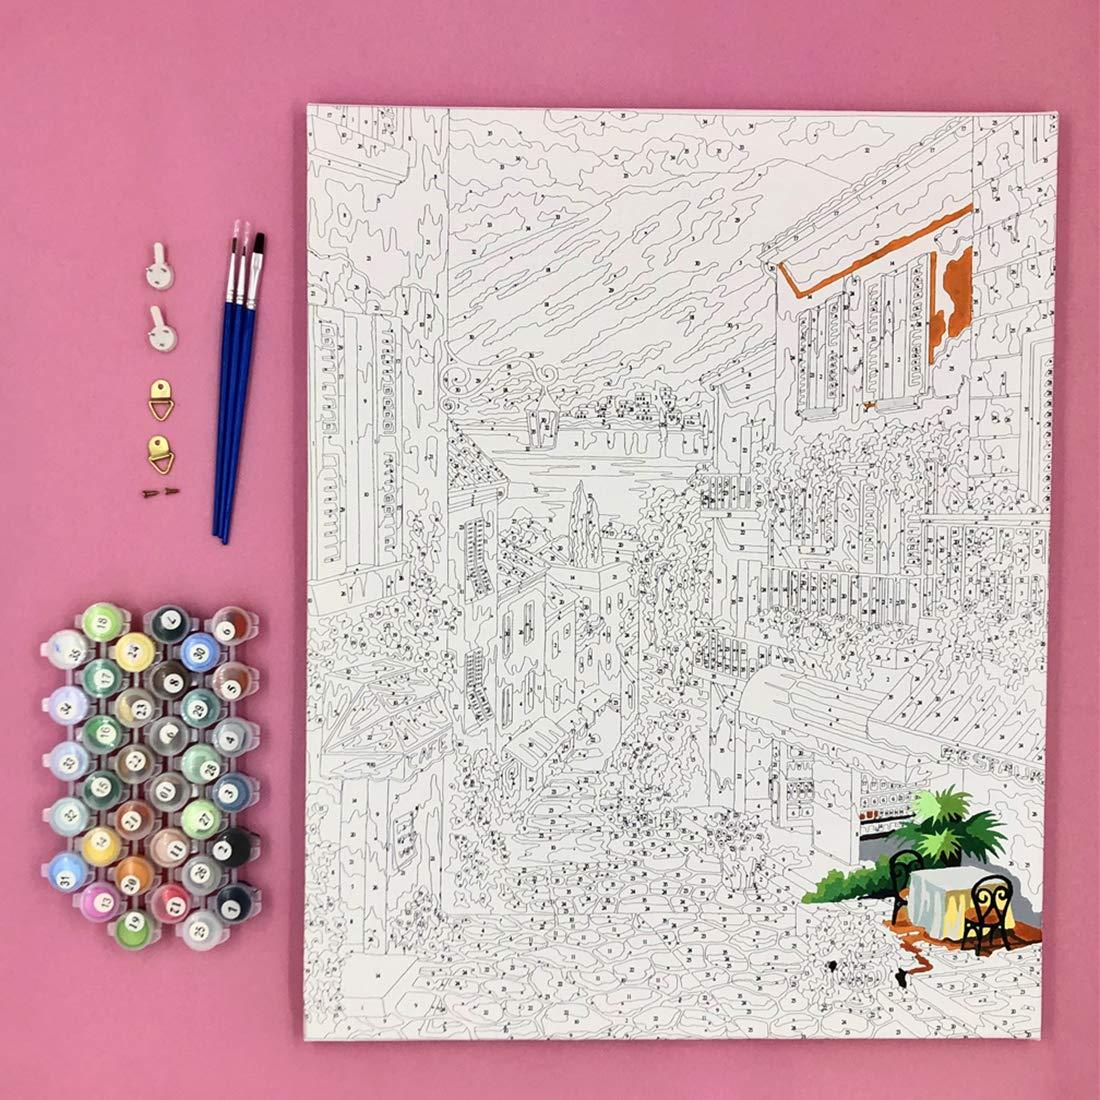 Malen Nach Zahlen Erwachsene DIY /Ölfarbe von Number Kit Weihnachten Dekor Dekorationen Geschenke Kinder Anf/änger Frameless Wasserfallbaum 40x50cm